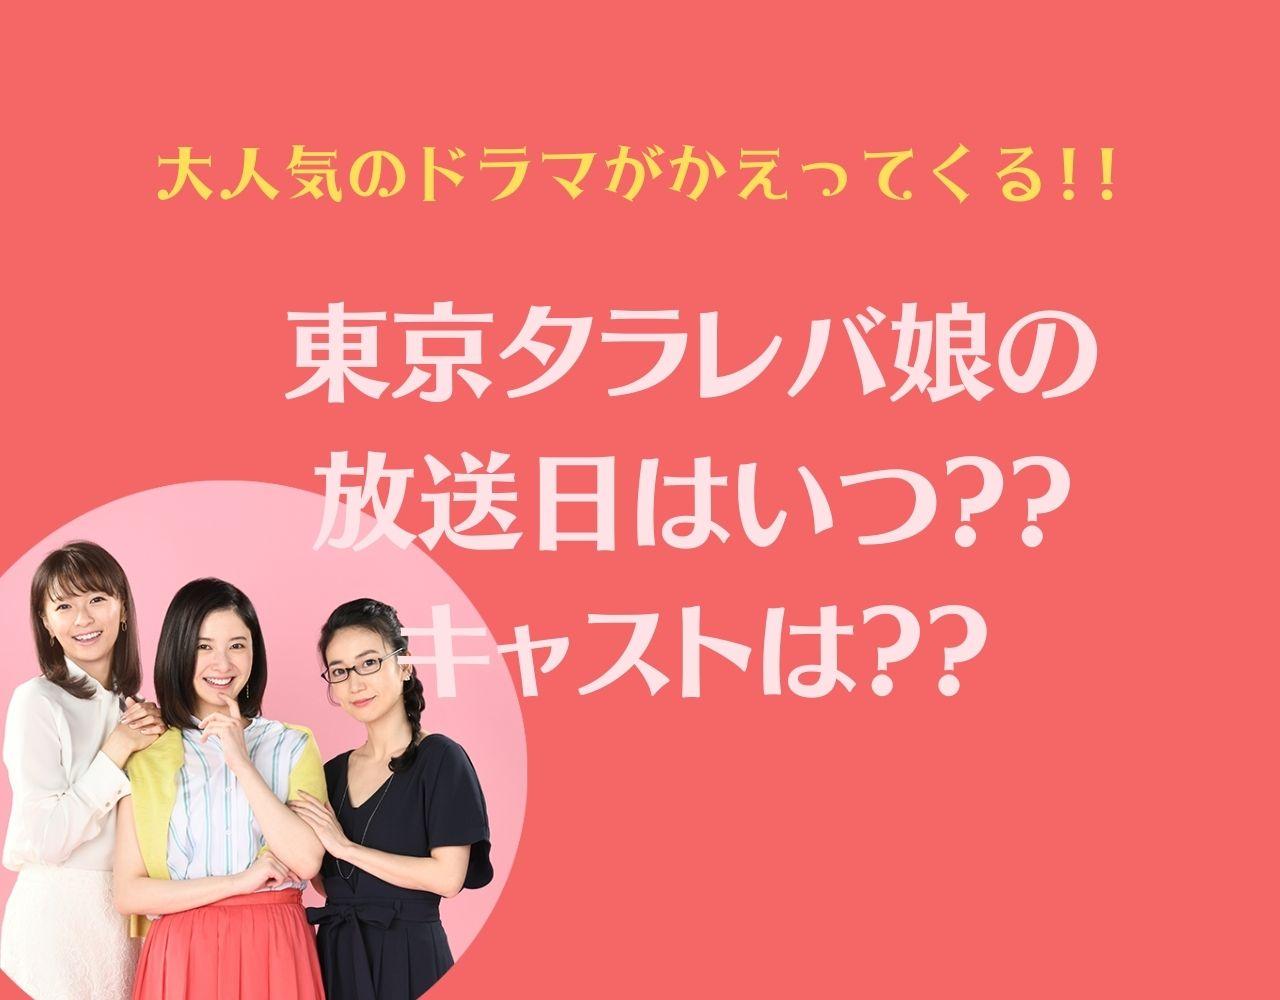 東京 タラレバ 娘 2020 動画